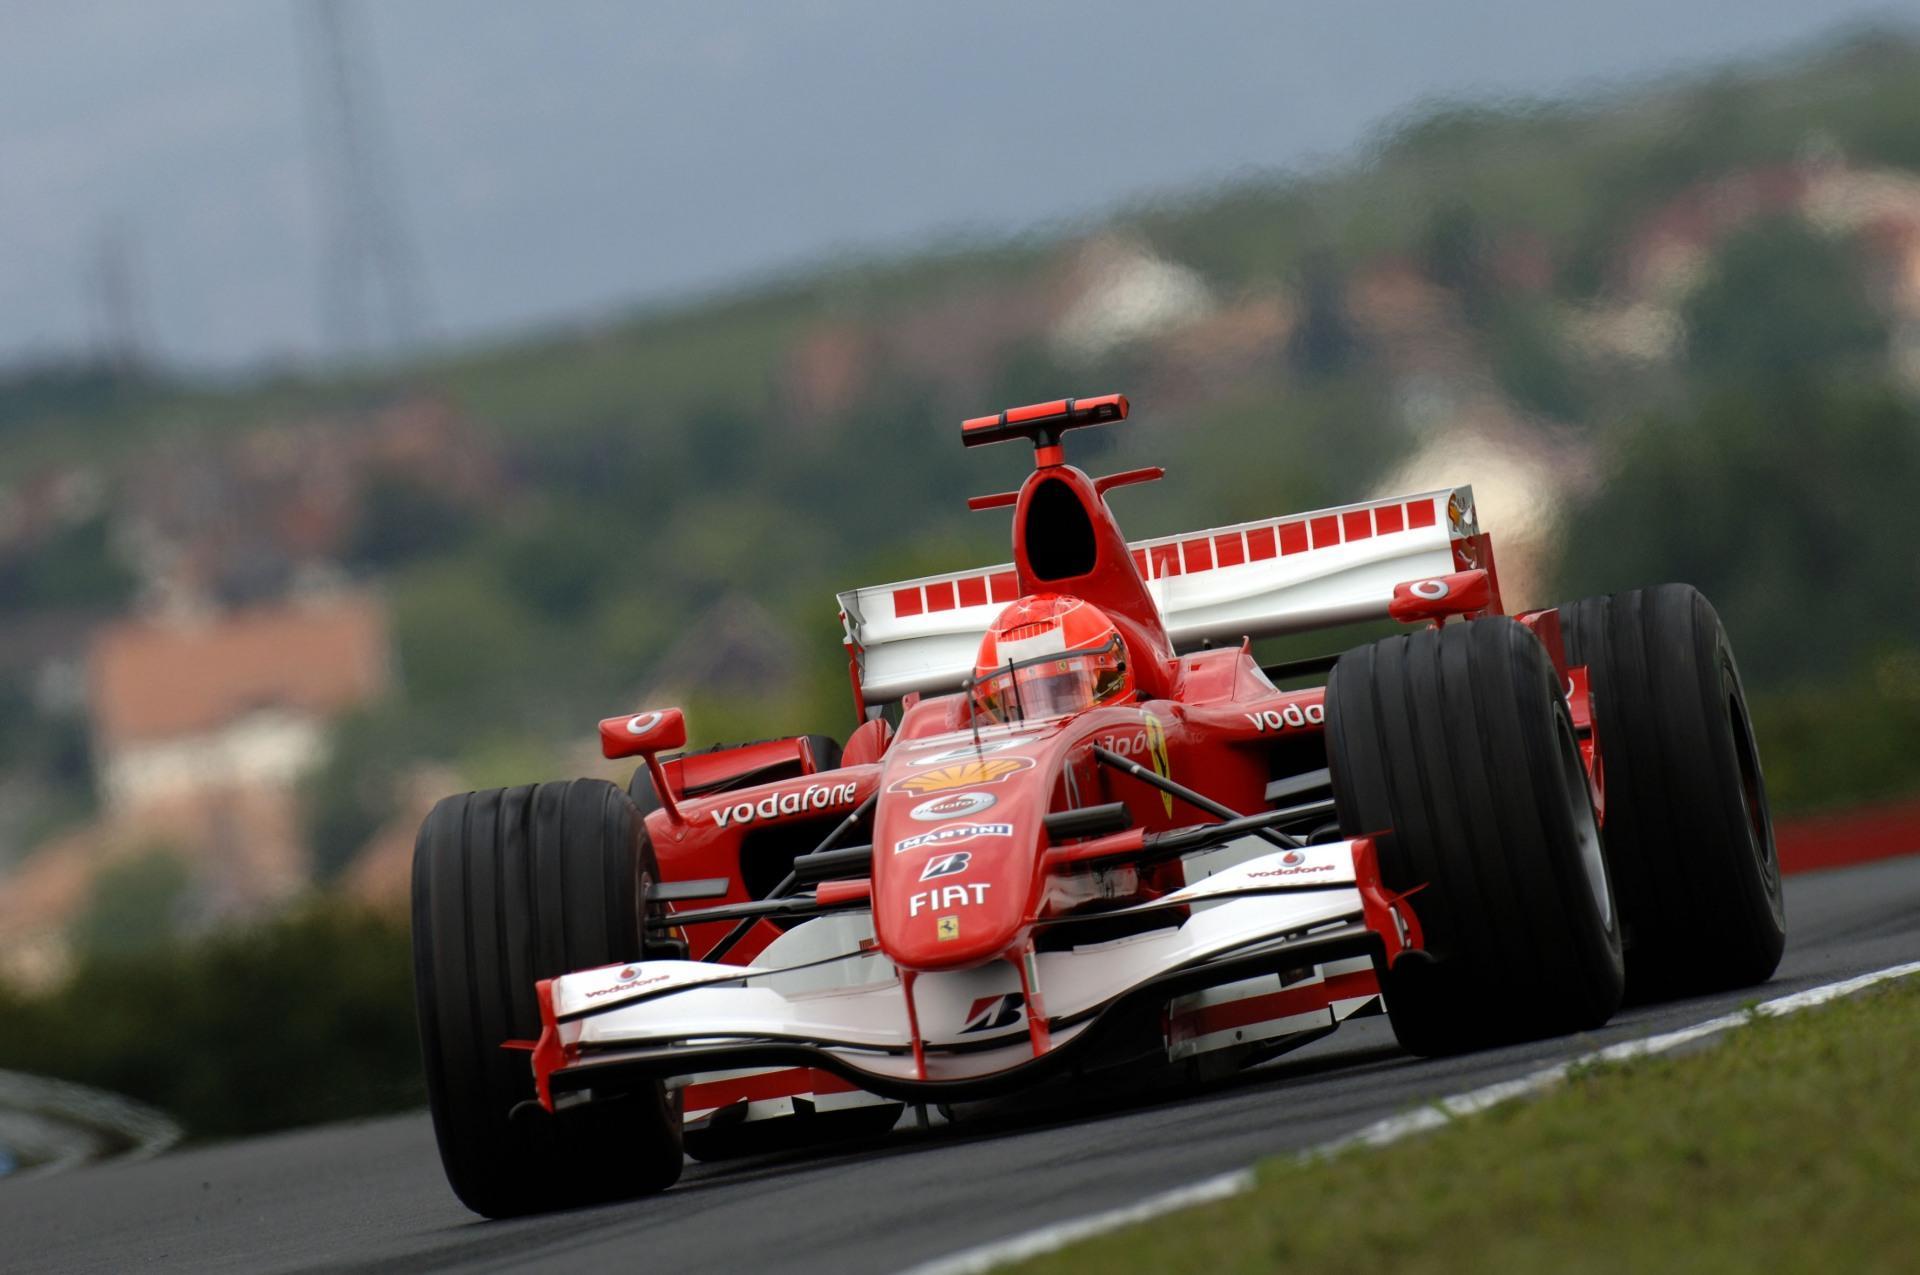 2006 Ferrari 248 Images. Photo 2006-Ferrari-248-F1-Image